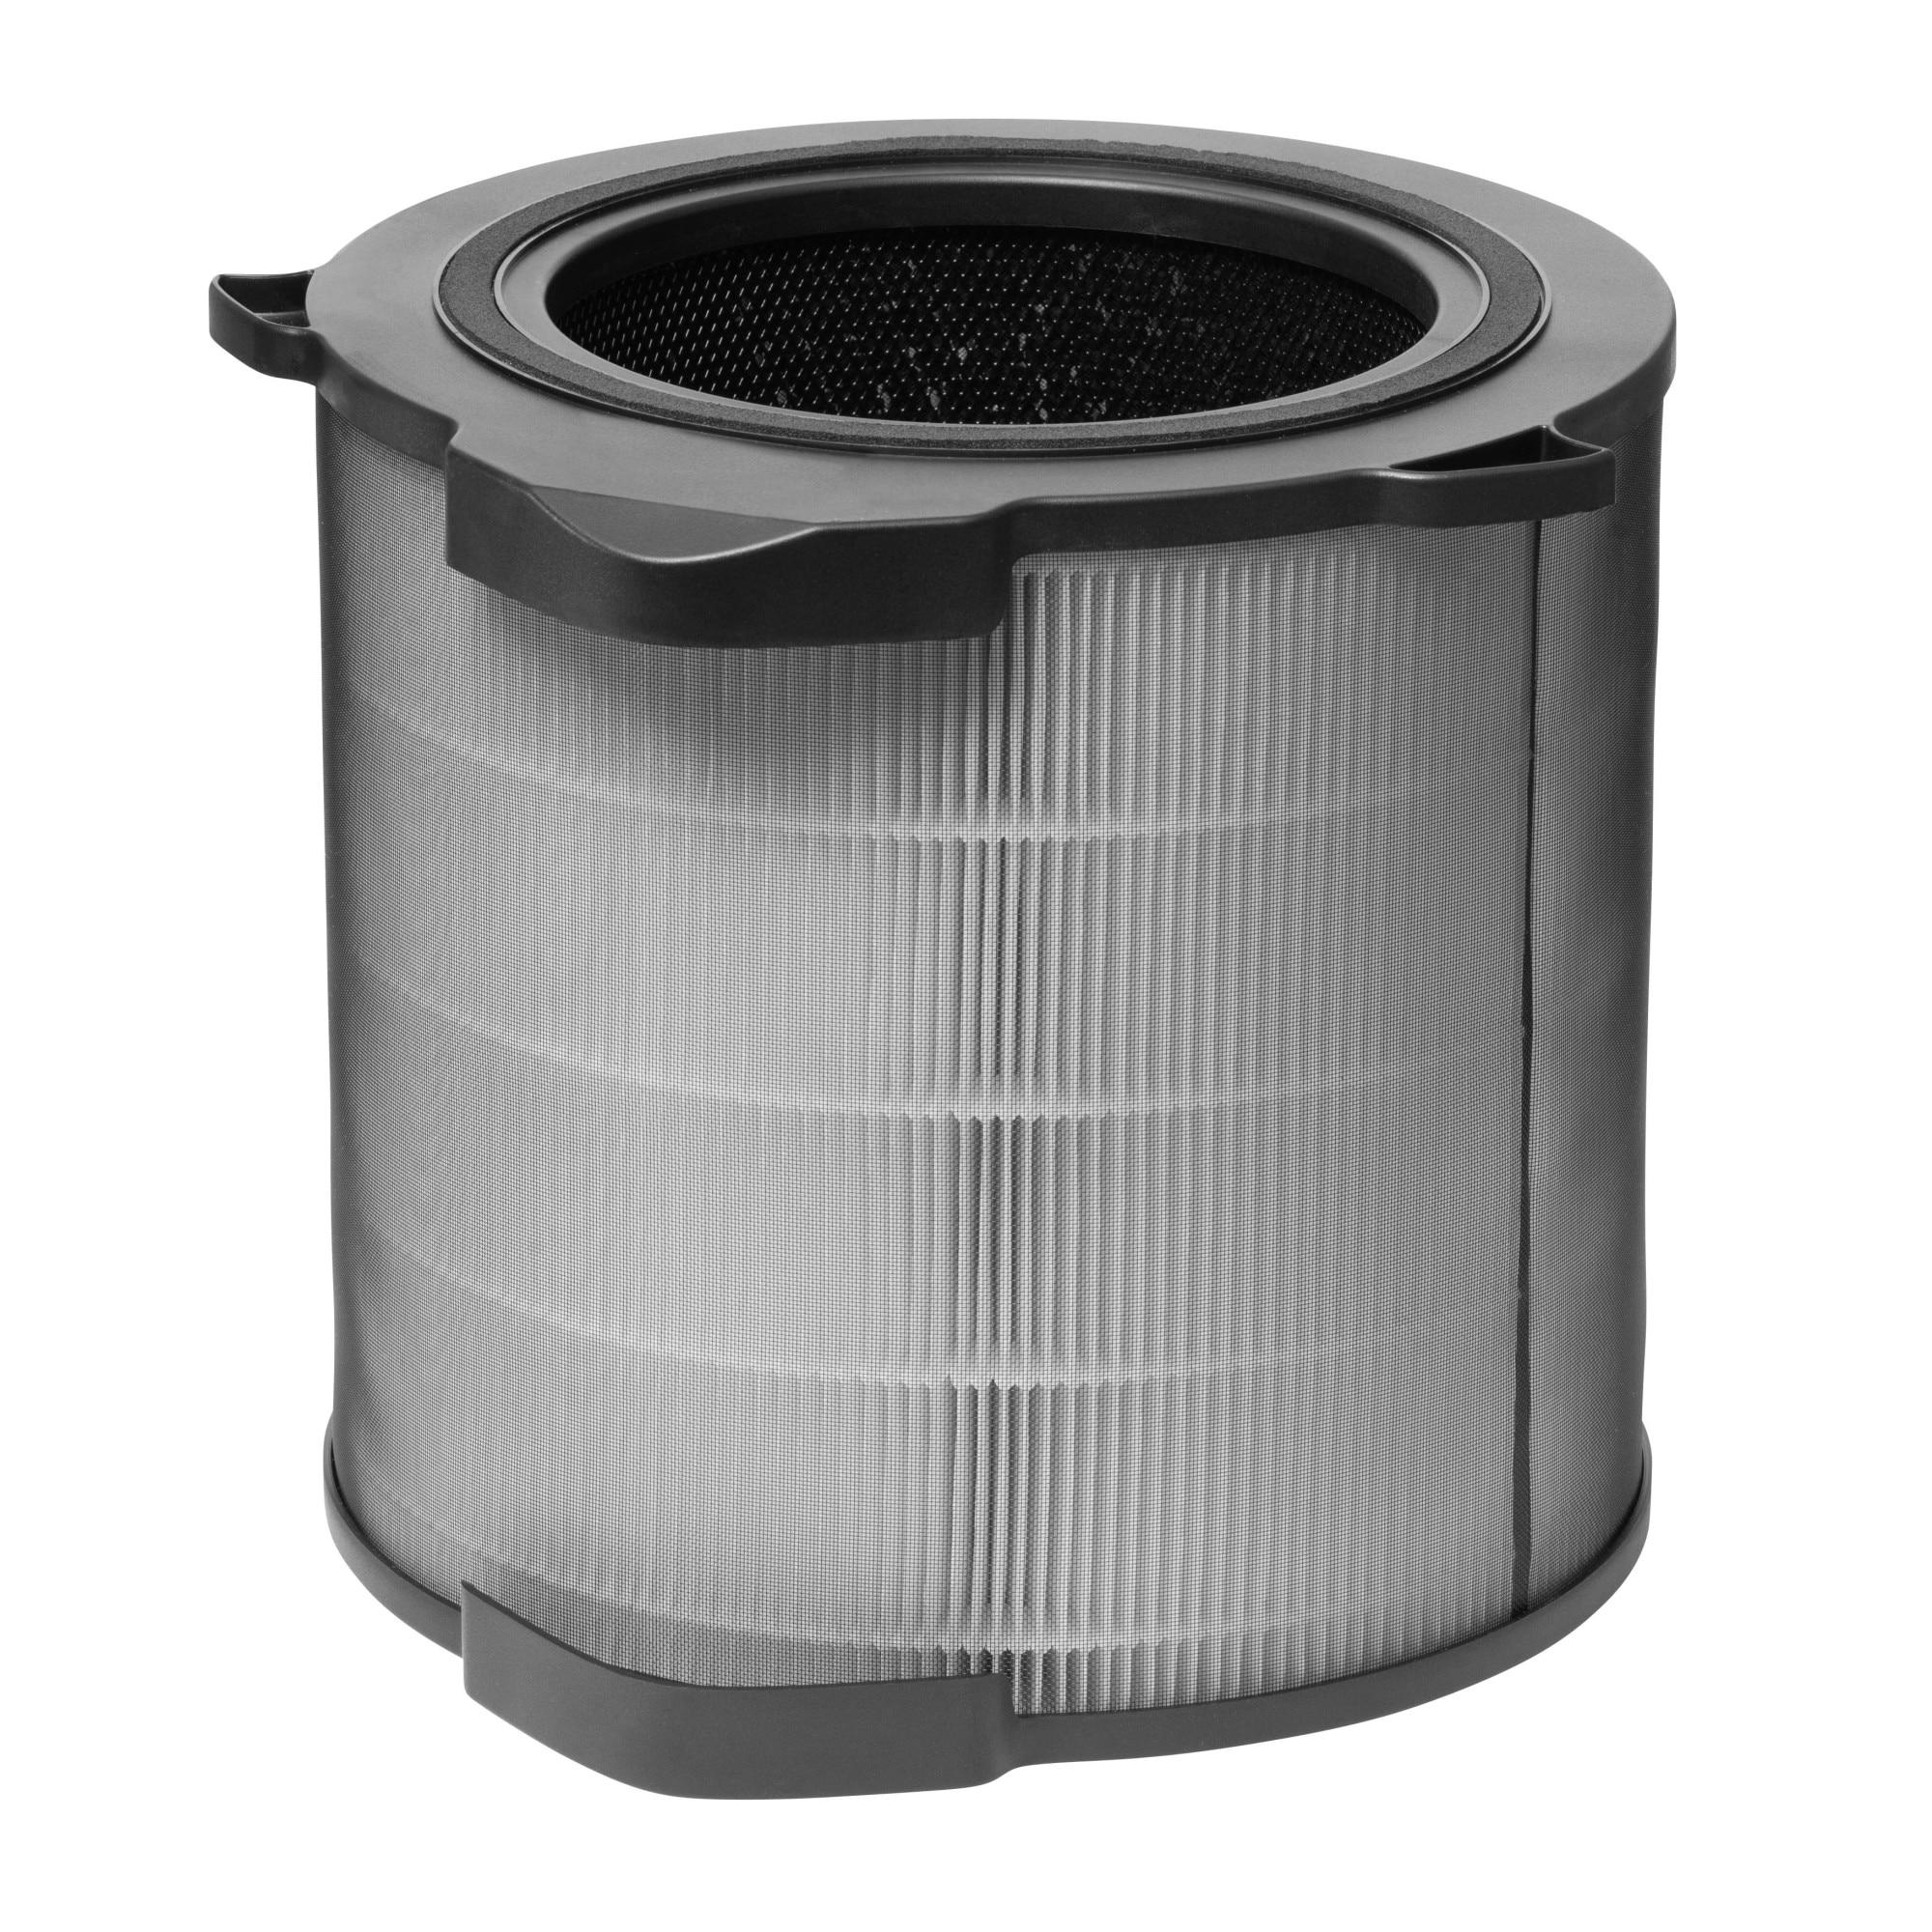 Fotografie Filtru EFDBTH4 pentru purificator aer Electrolux Pure A9, neutralizeaza rapid polenul din locuinta si impiedica reactiile alergice